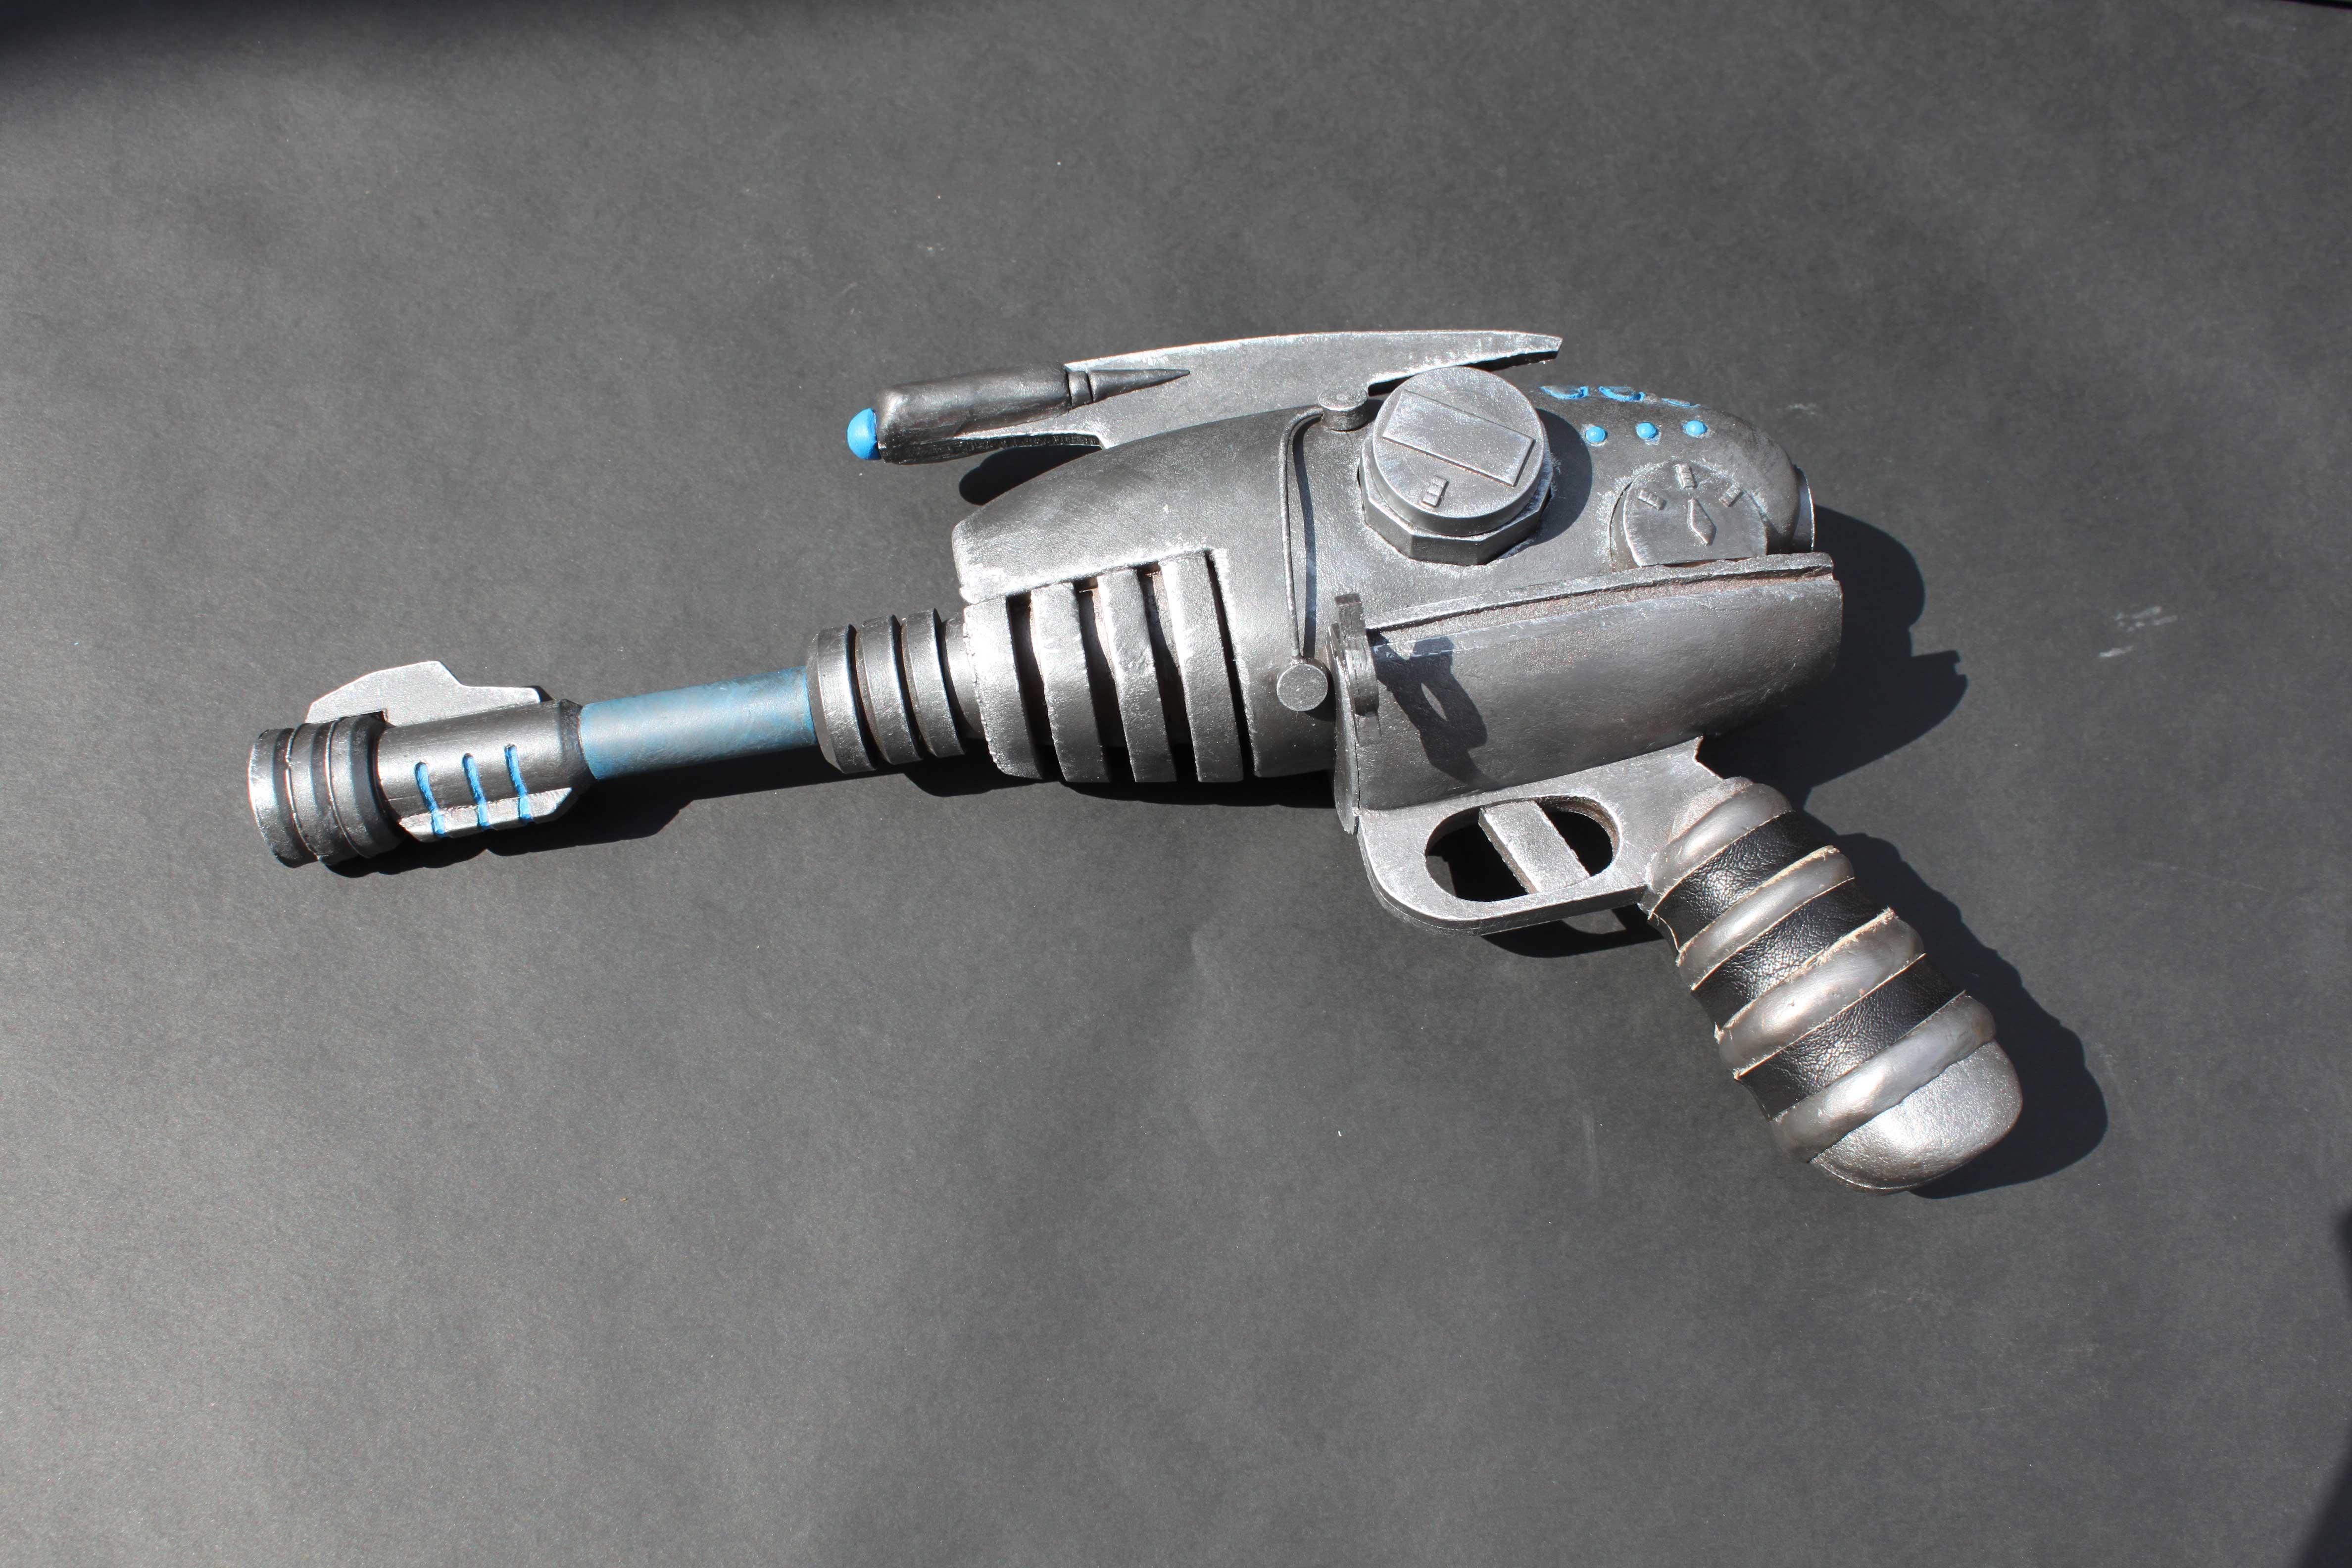 Fallout 3 Alien Blaster